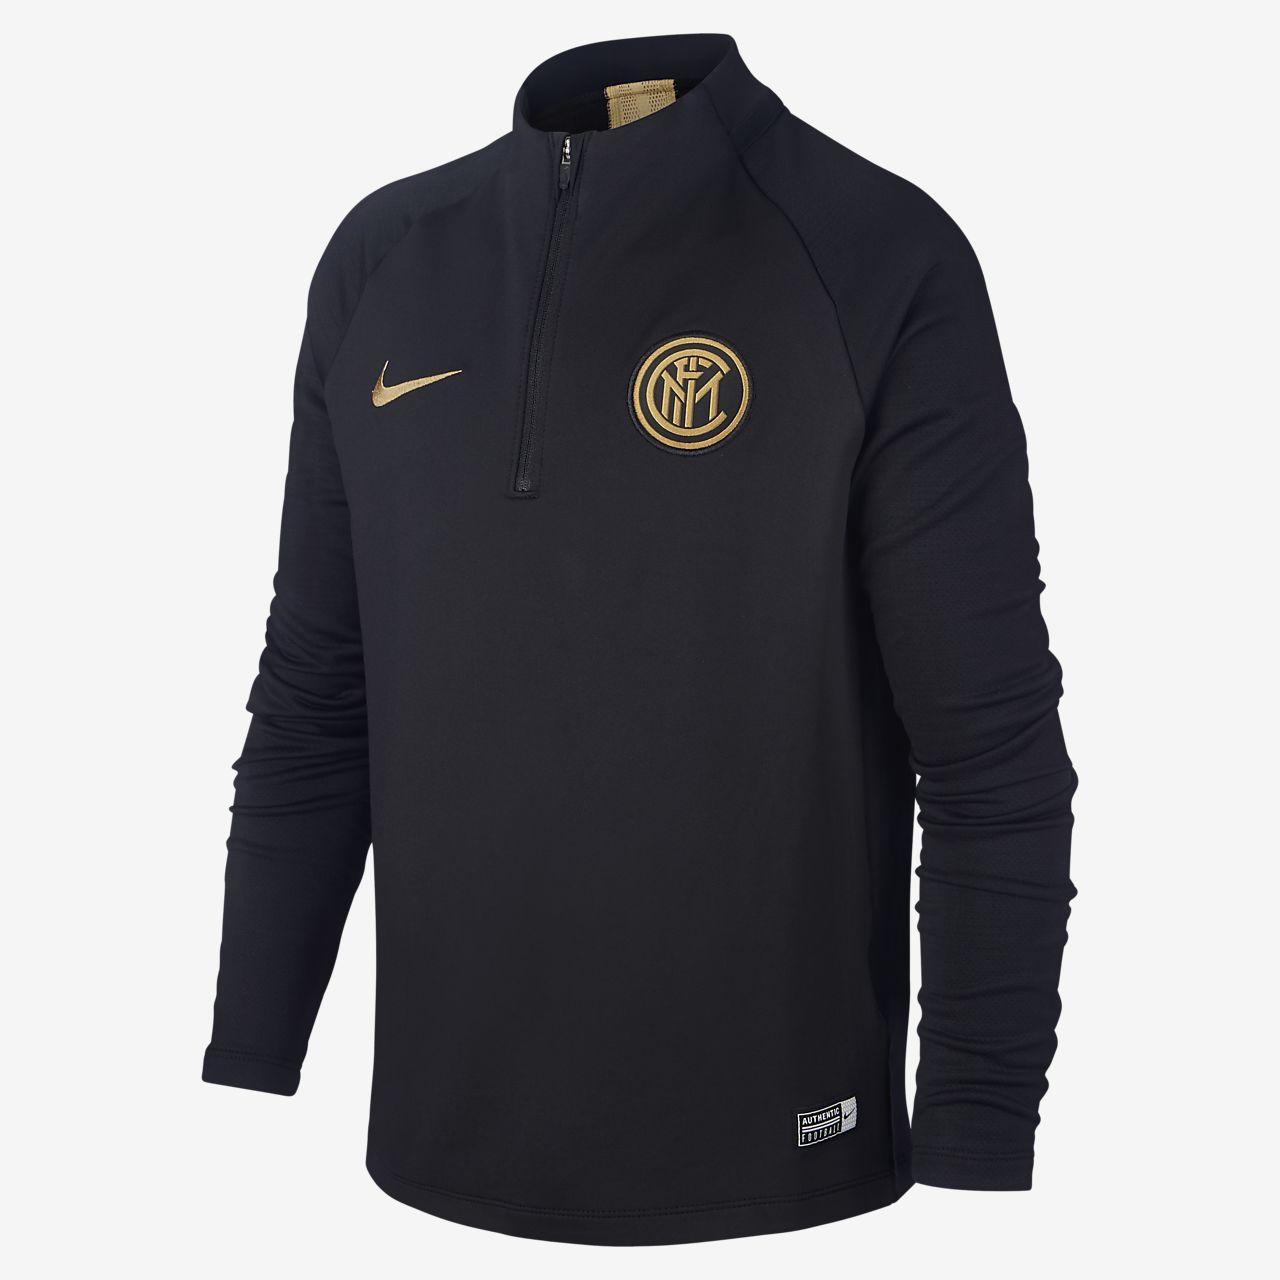 Ποδοσφαιρική μπλούζα προπόνησης Inter Milan Strike για μεγάλα παιδιά